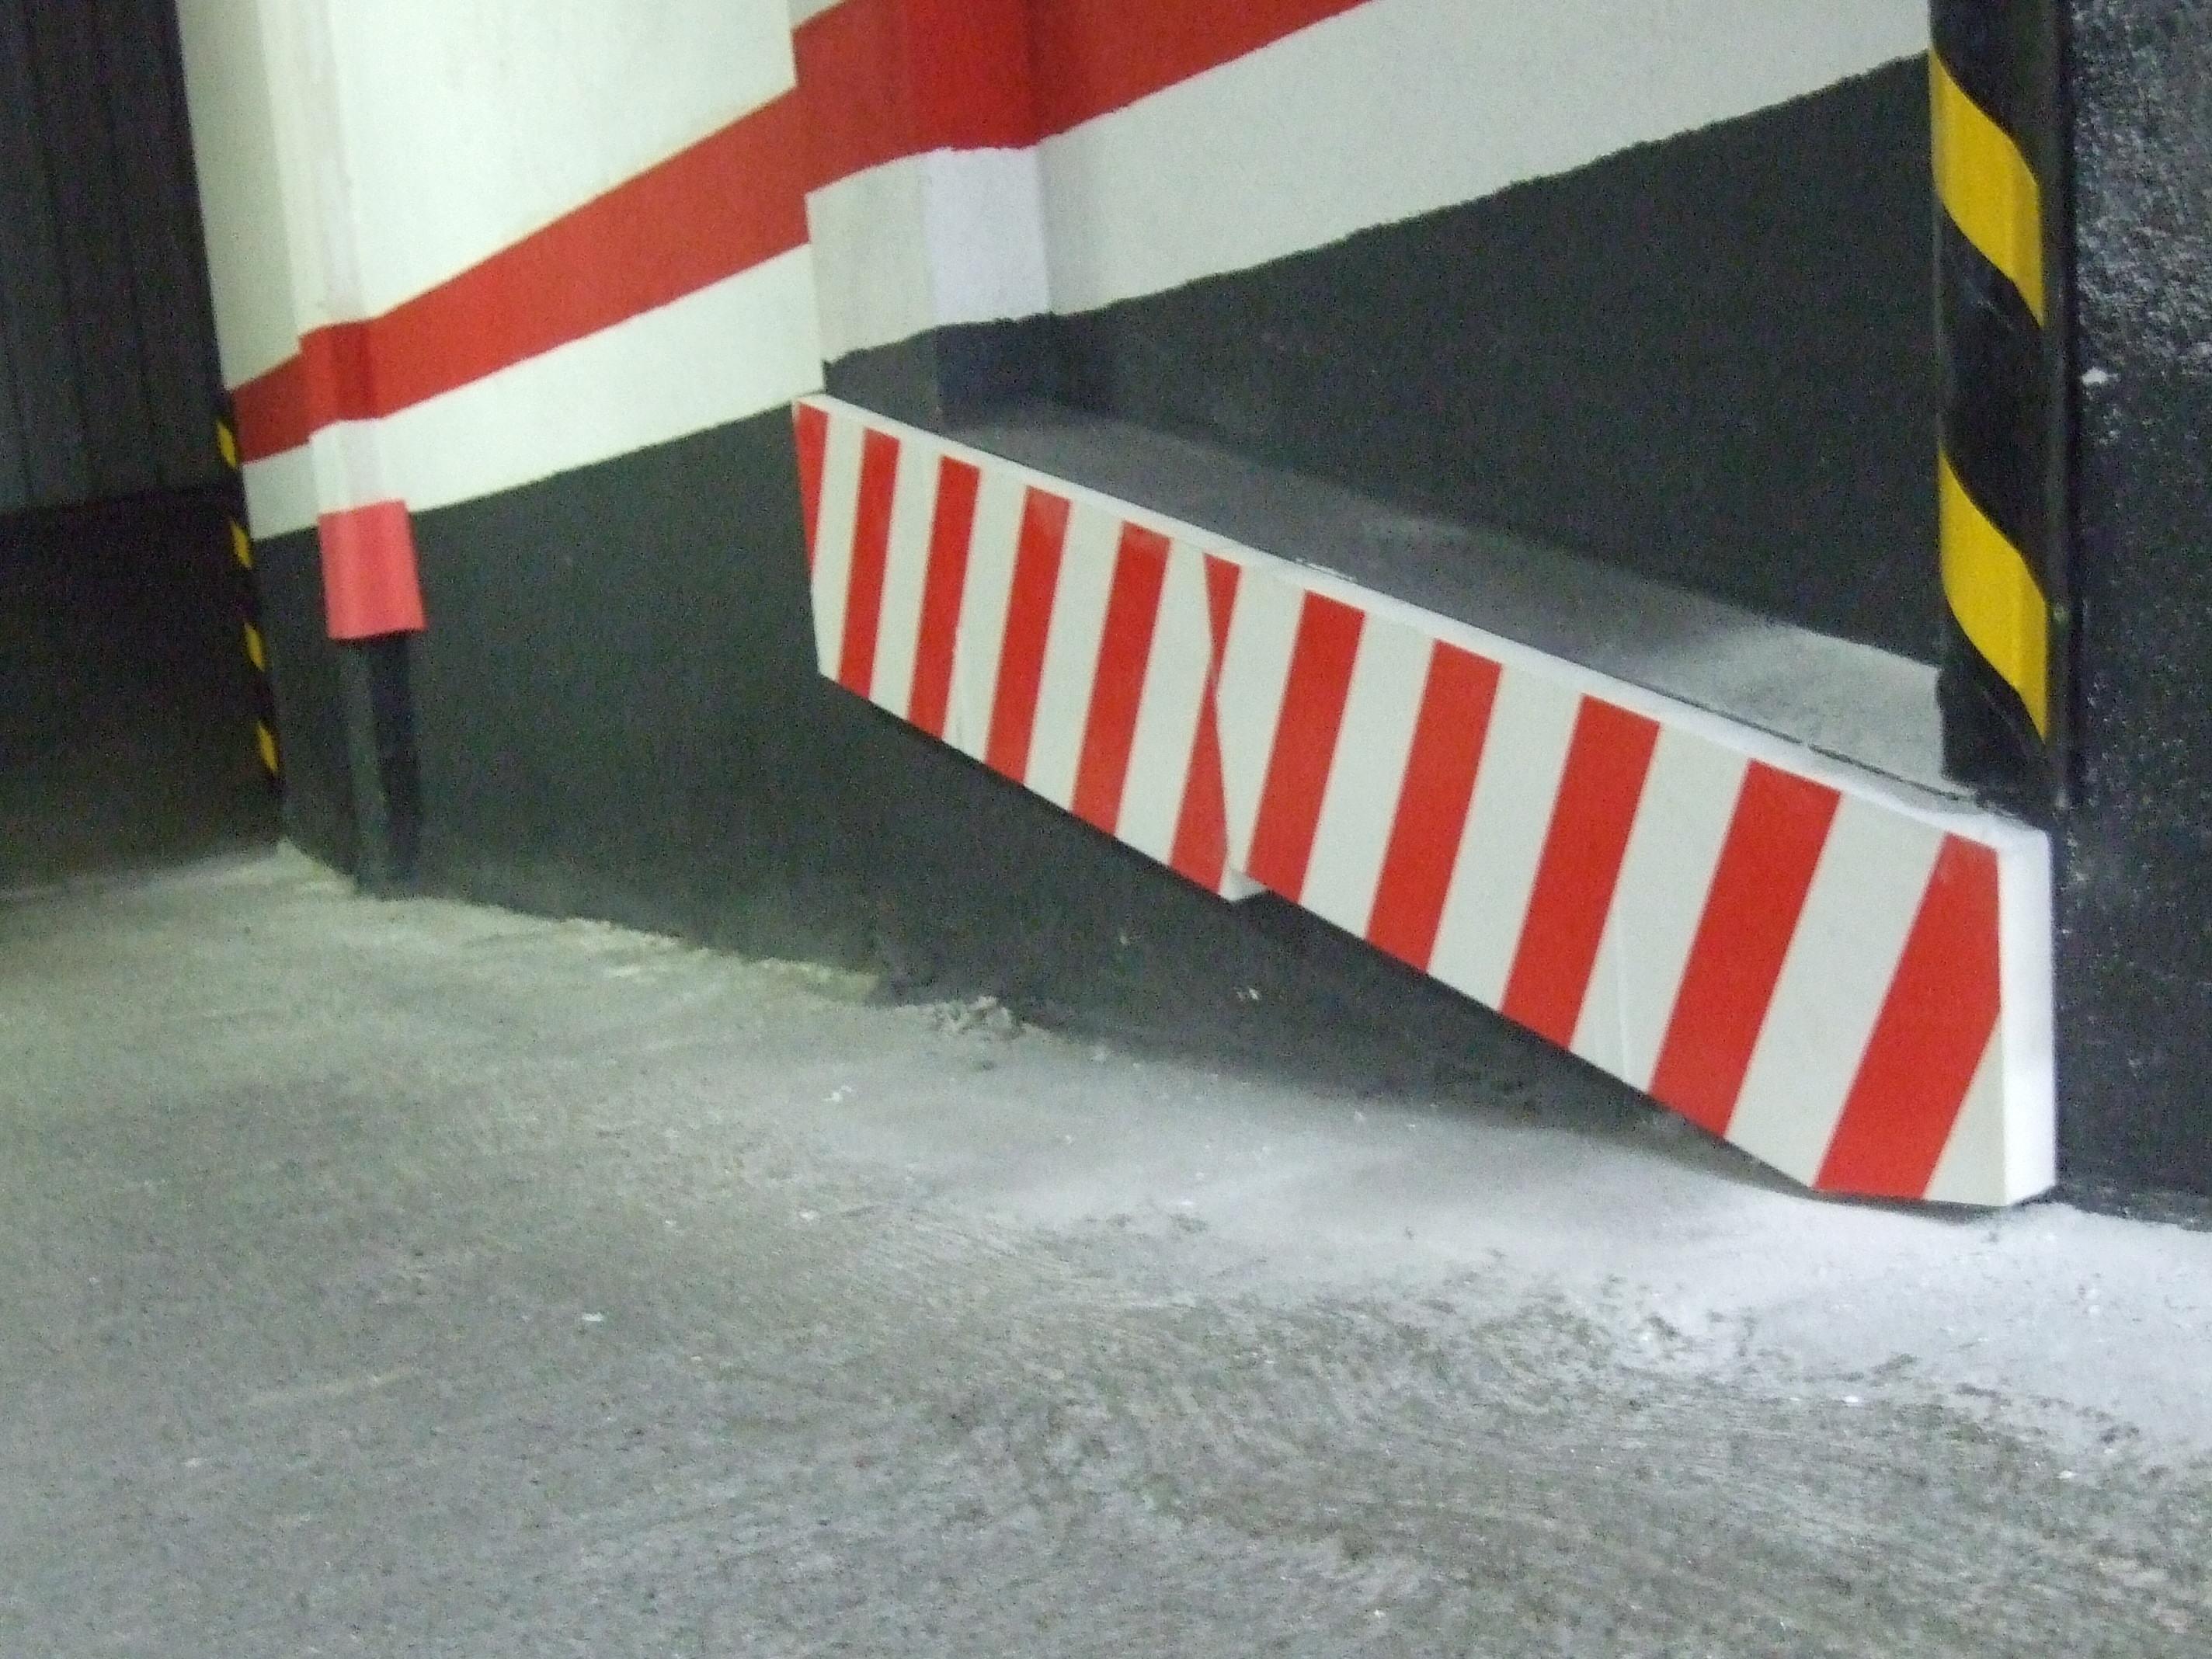 Protección esquinas y columnas garaje Bizkaia